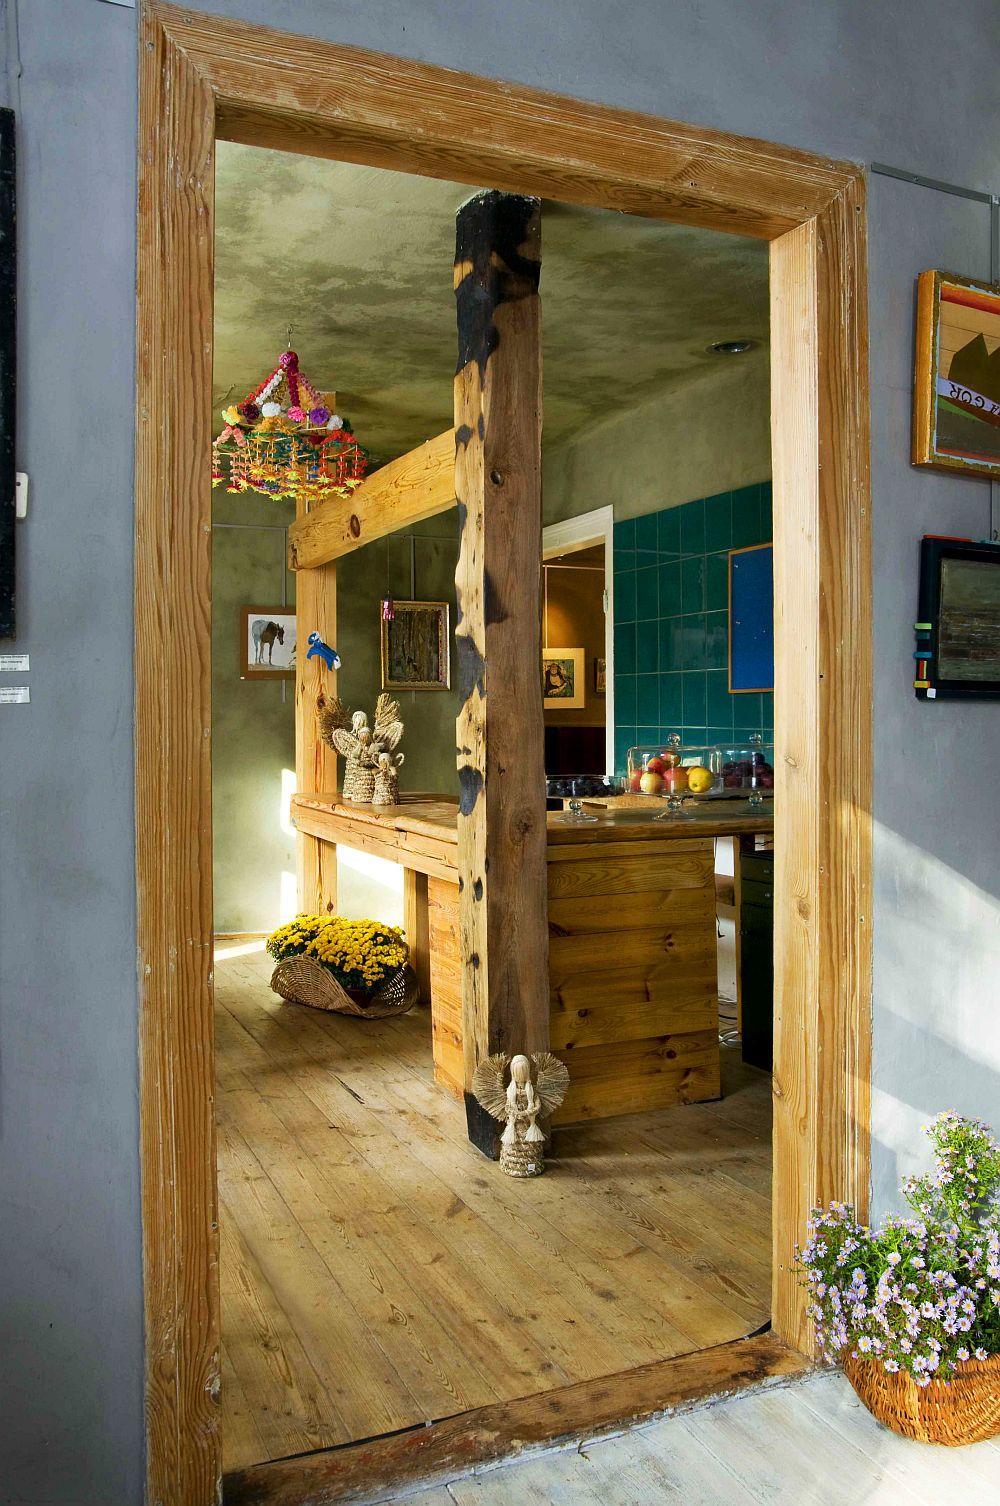 adelaparvu.com despre casa veche din lemn cu galerie de arta la tara, design Julita si Paul Sander, Foto Marek Szymanski (15)